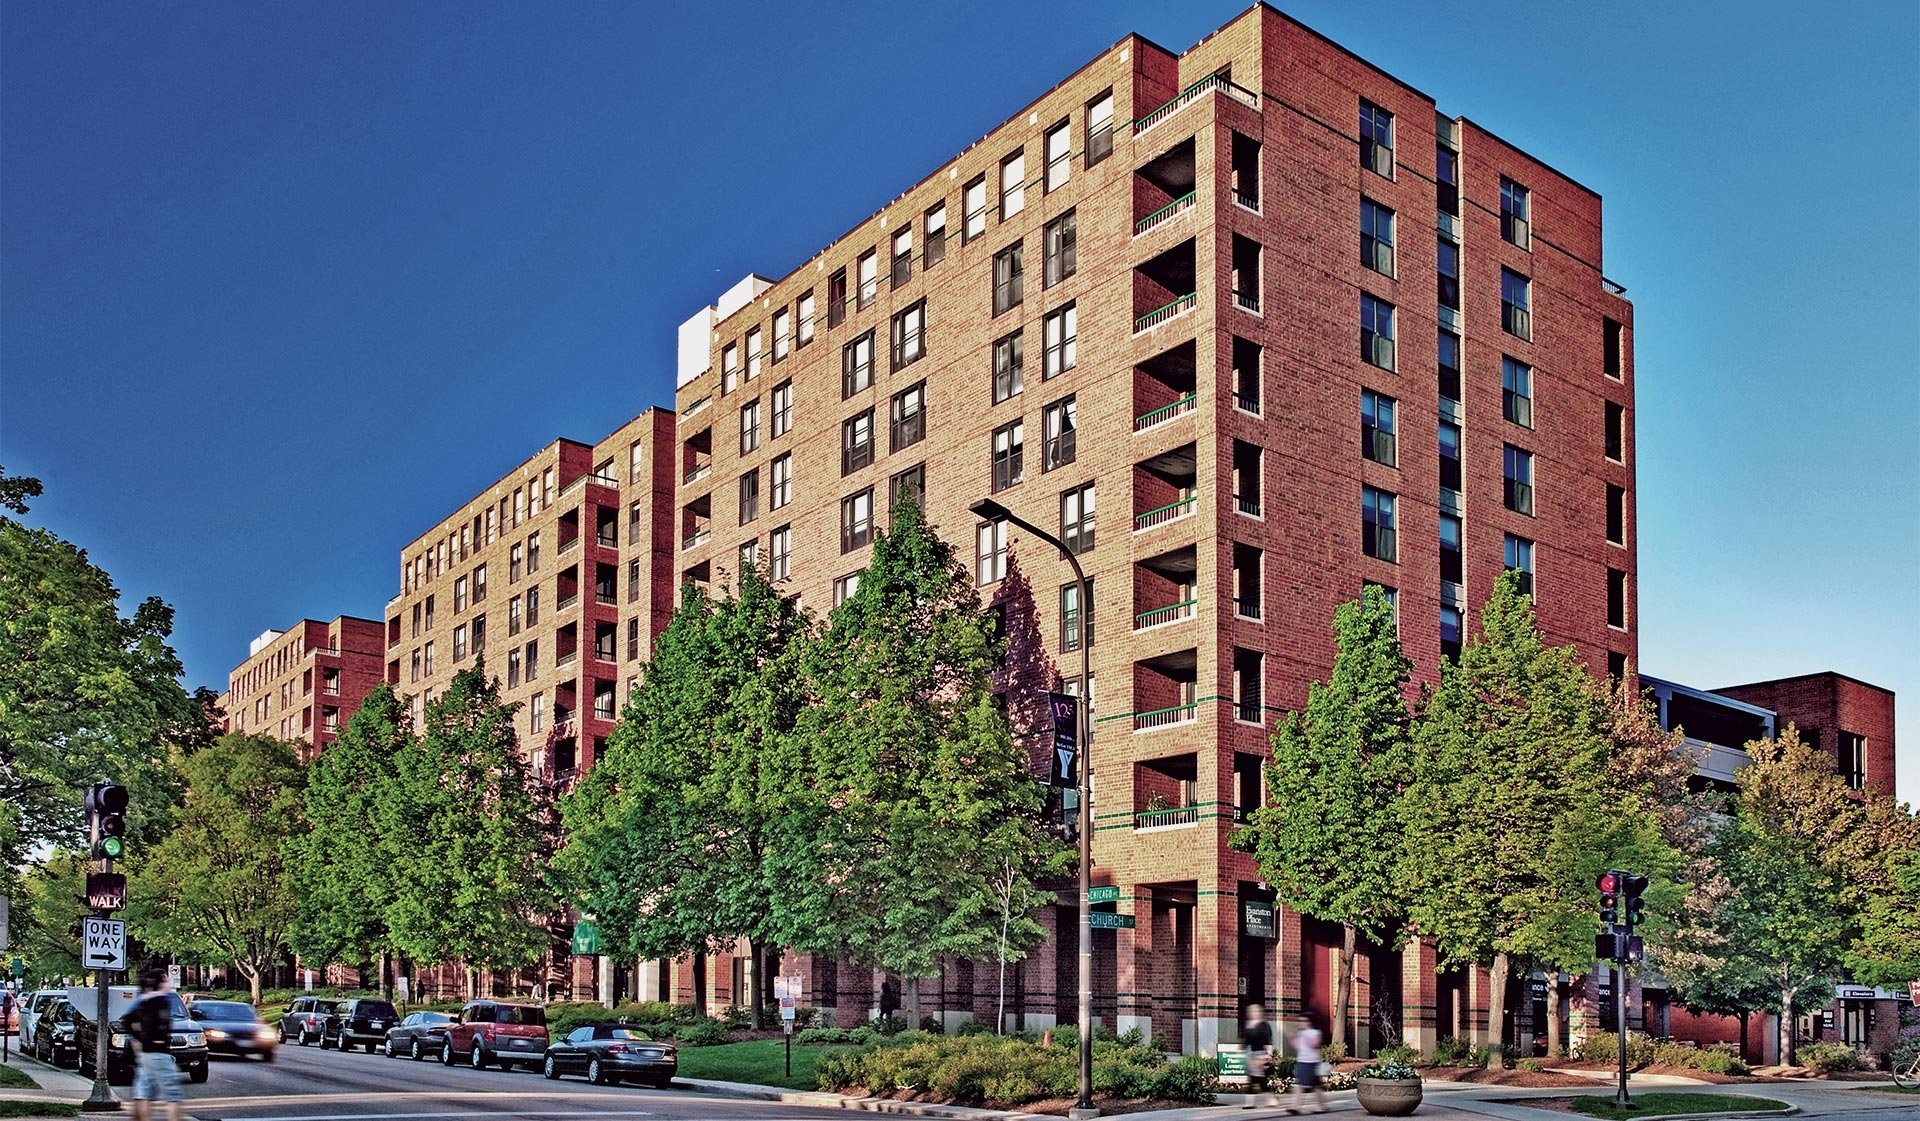 Evanston Place Apartments